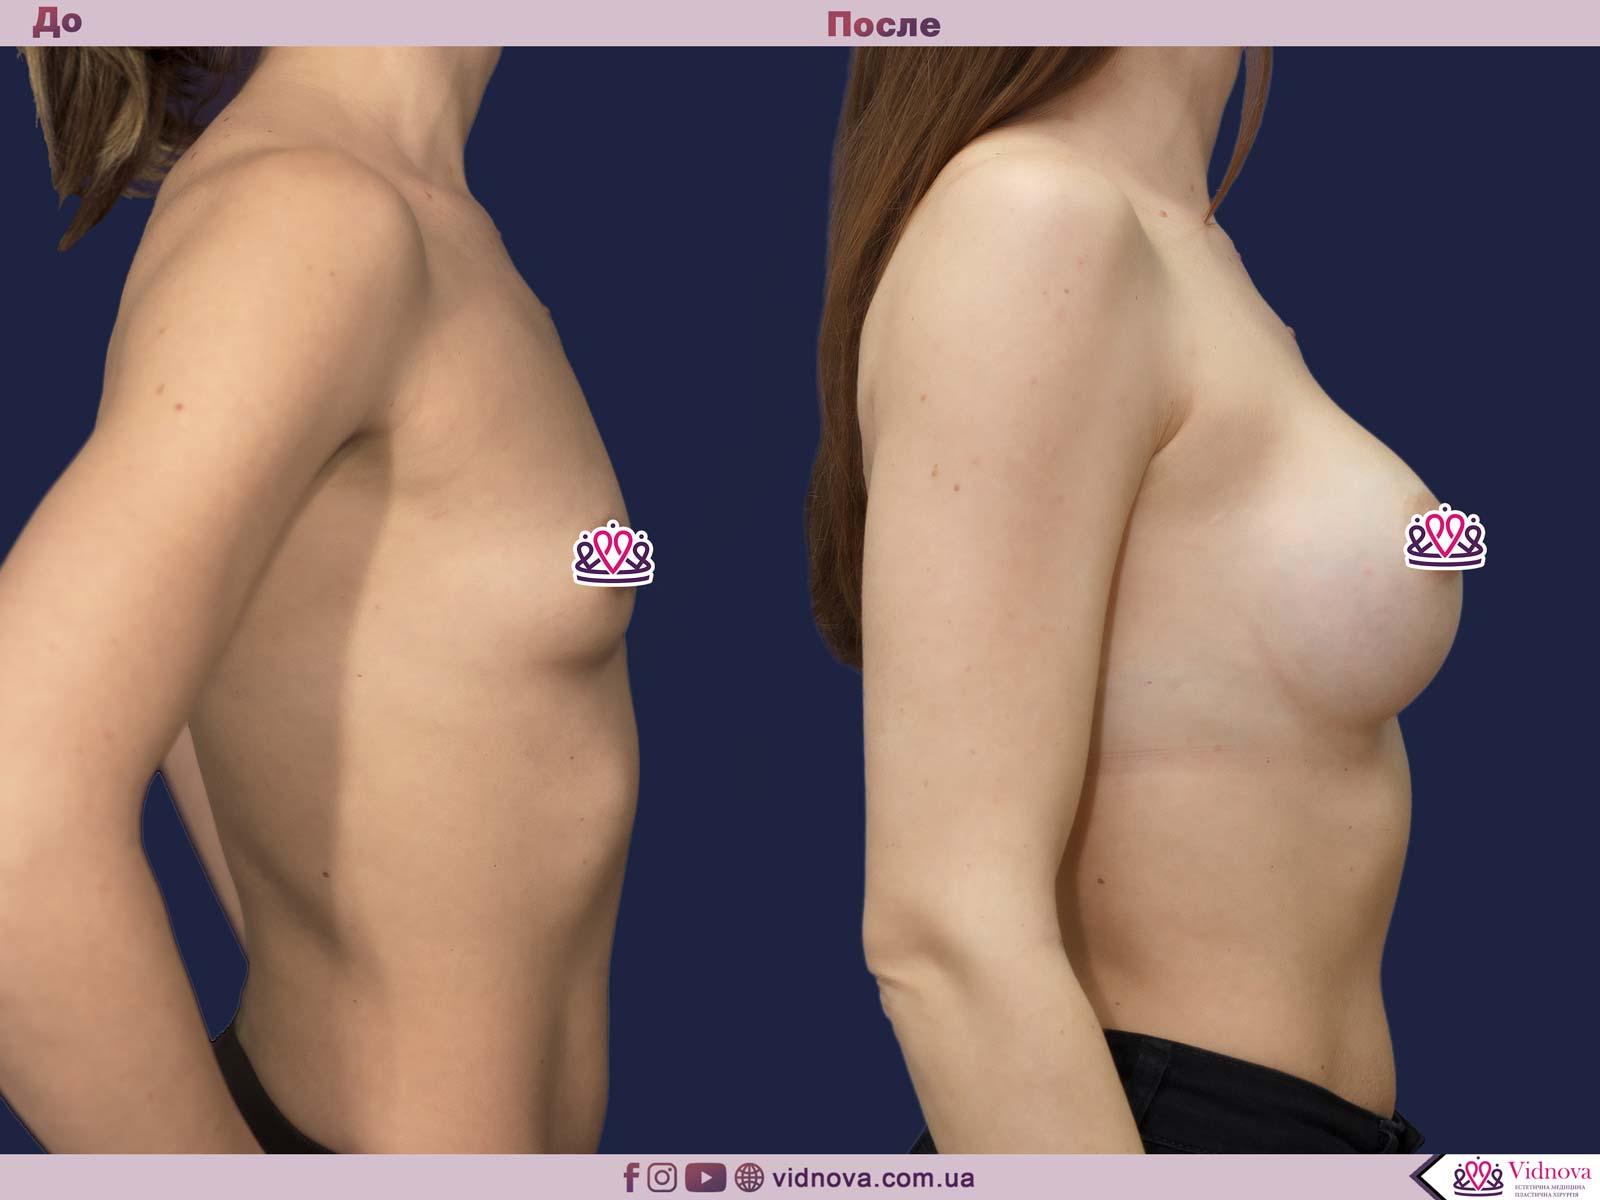 Пластика груди: результаты до и после - Пример №29-2 - Светлана Работенко